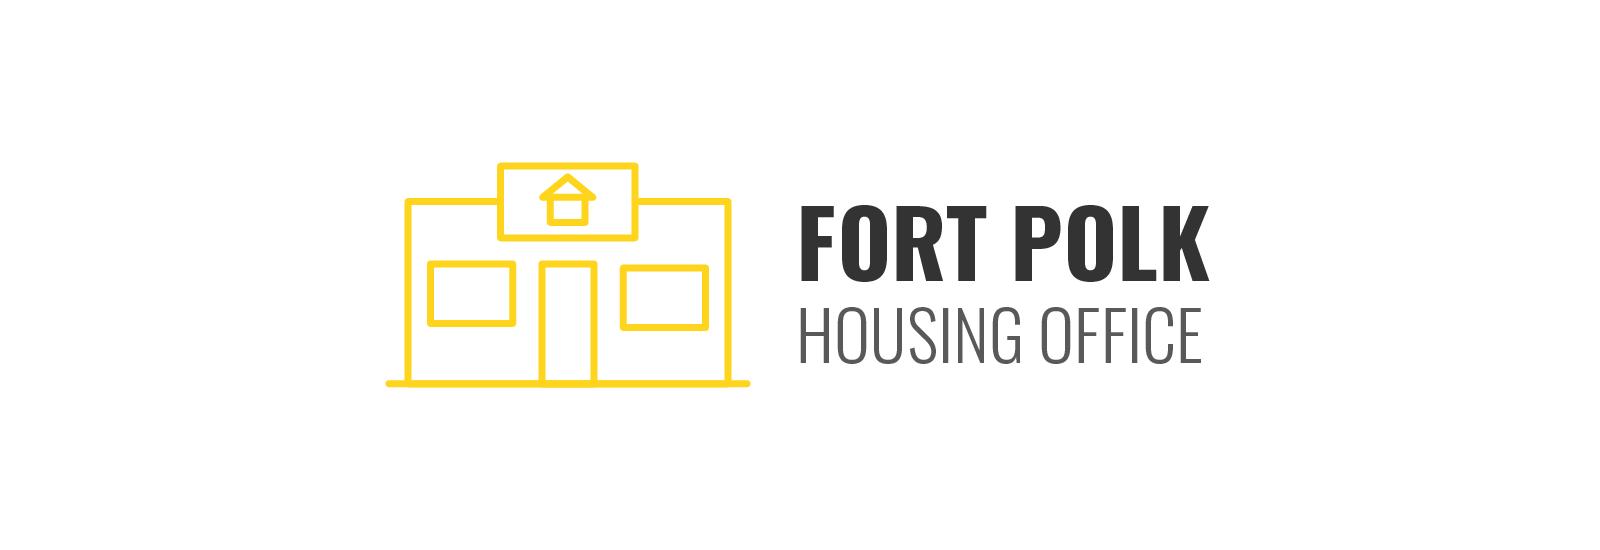 Fort Polk Housing Office